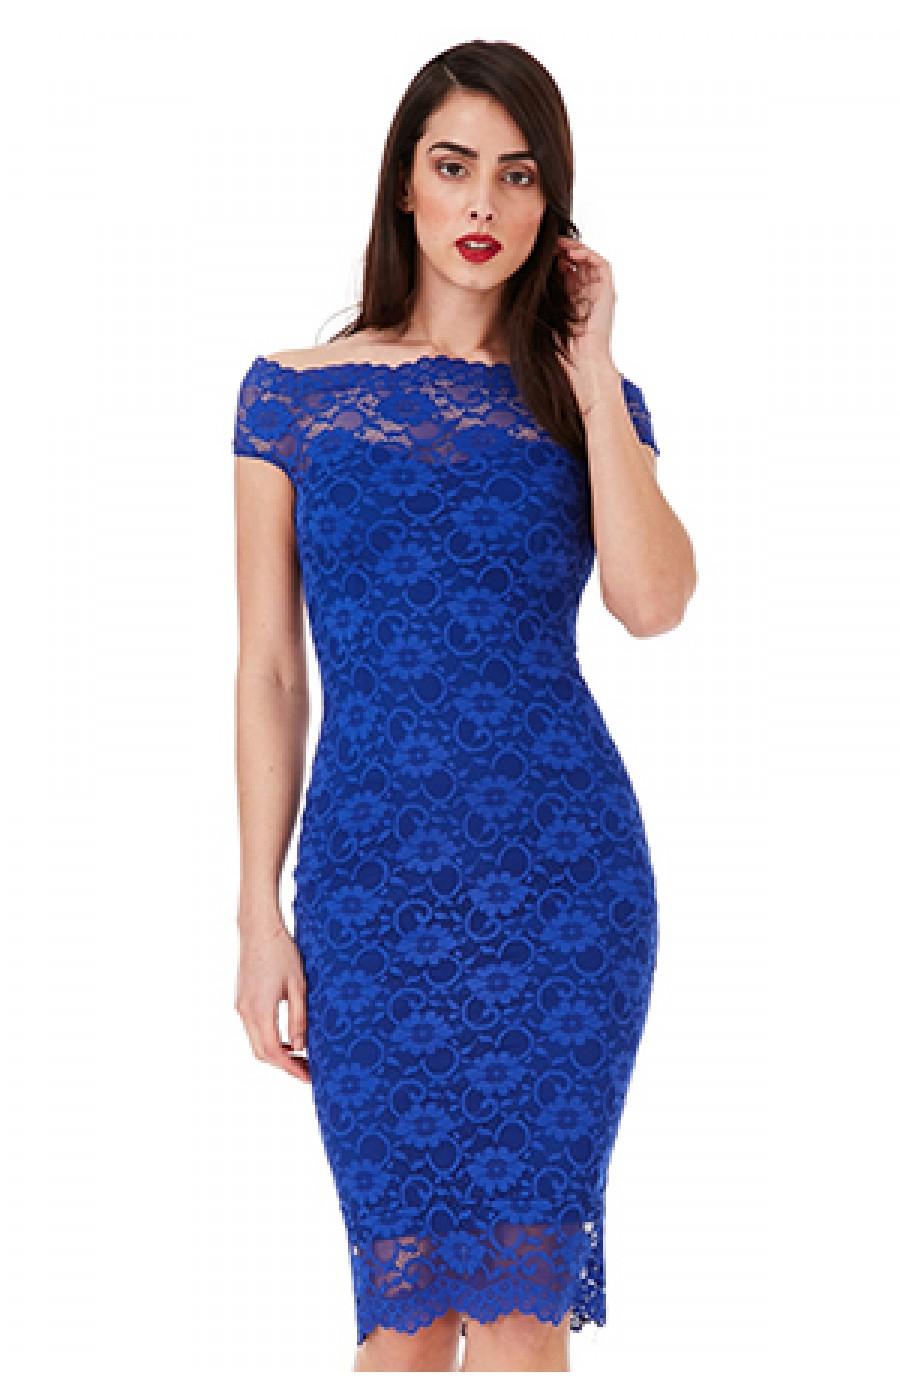 Φορεμα μπλε με δαντελα